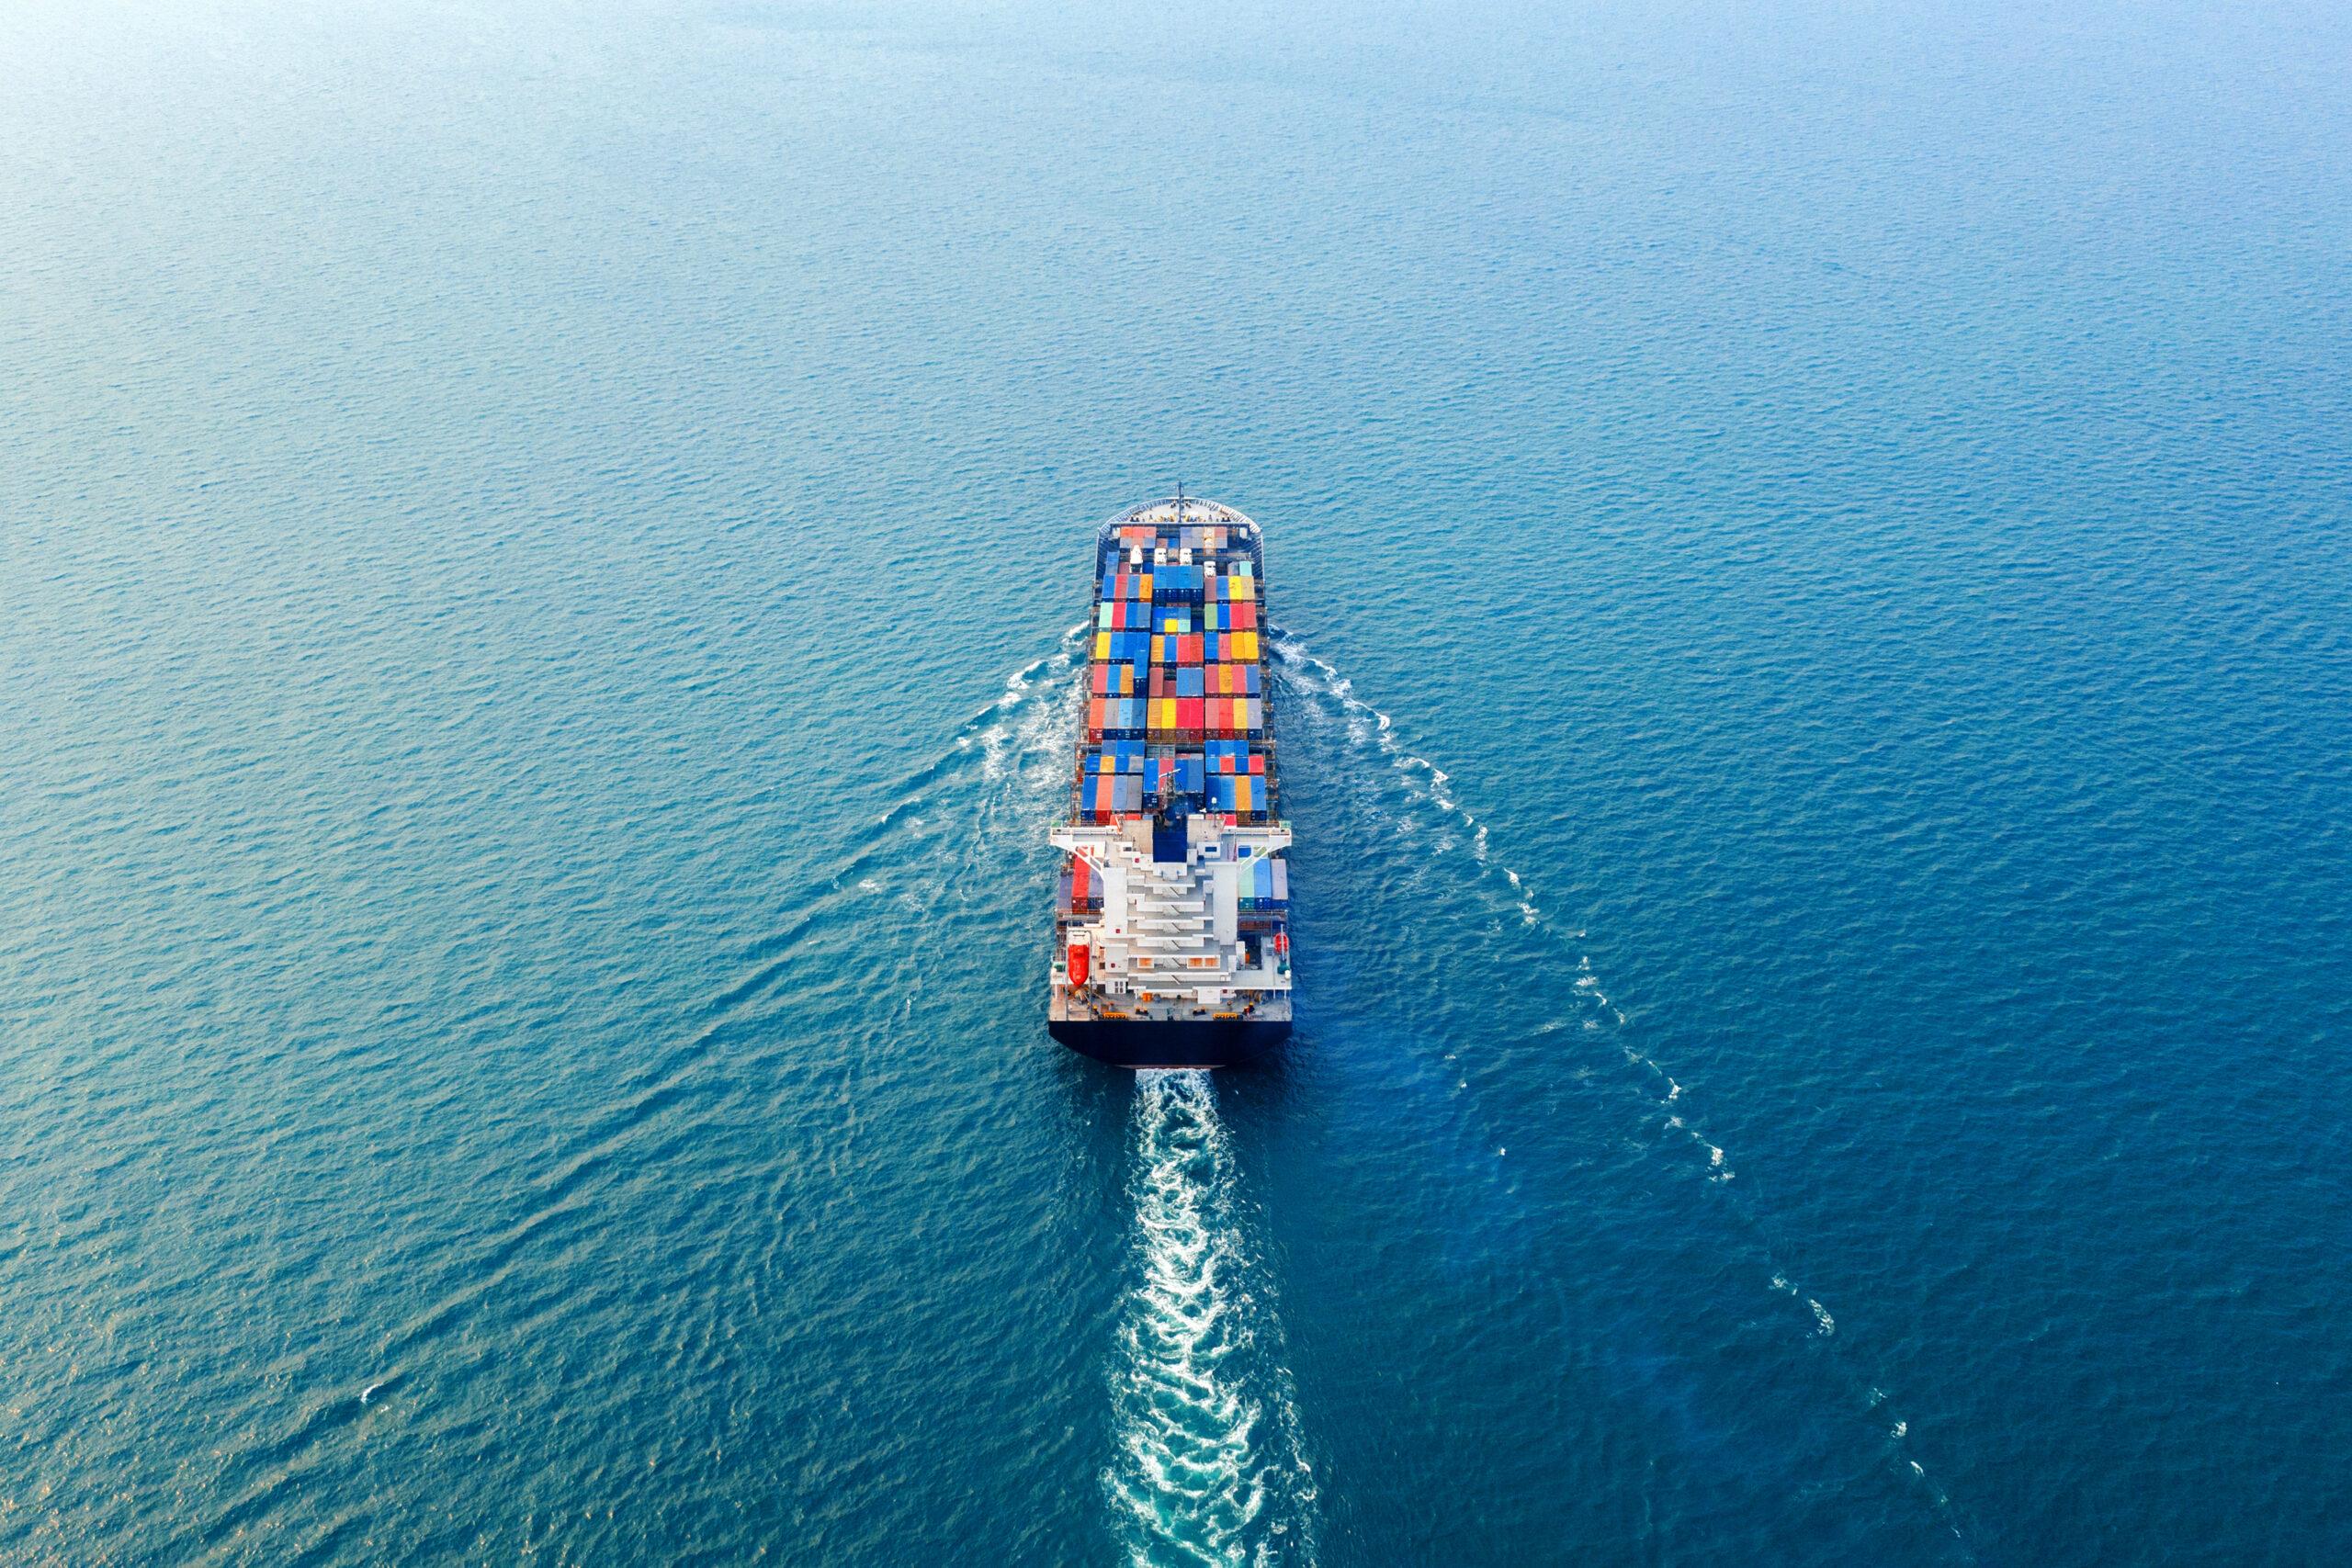 ماهو تخصص التجارة الدولية وماهي مزاياه؟